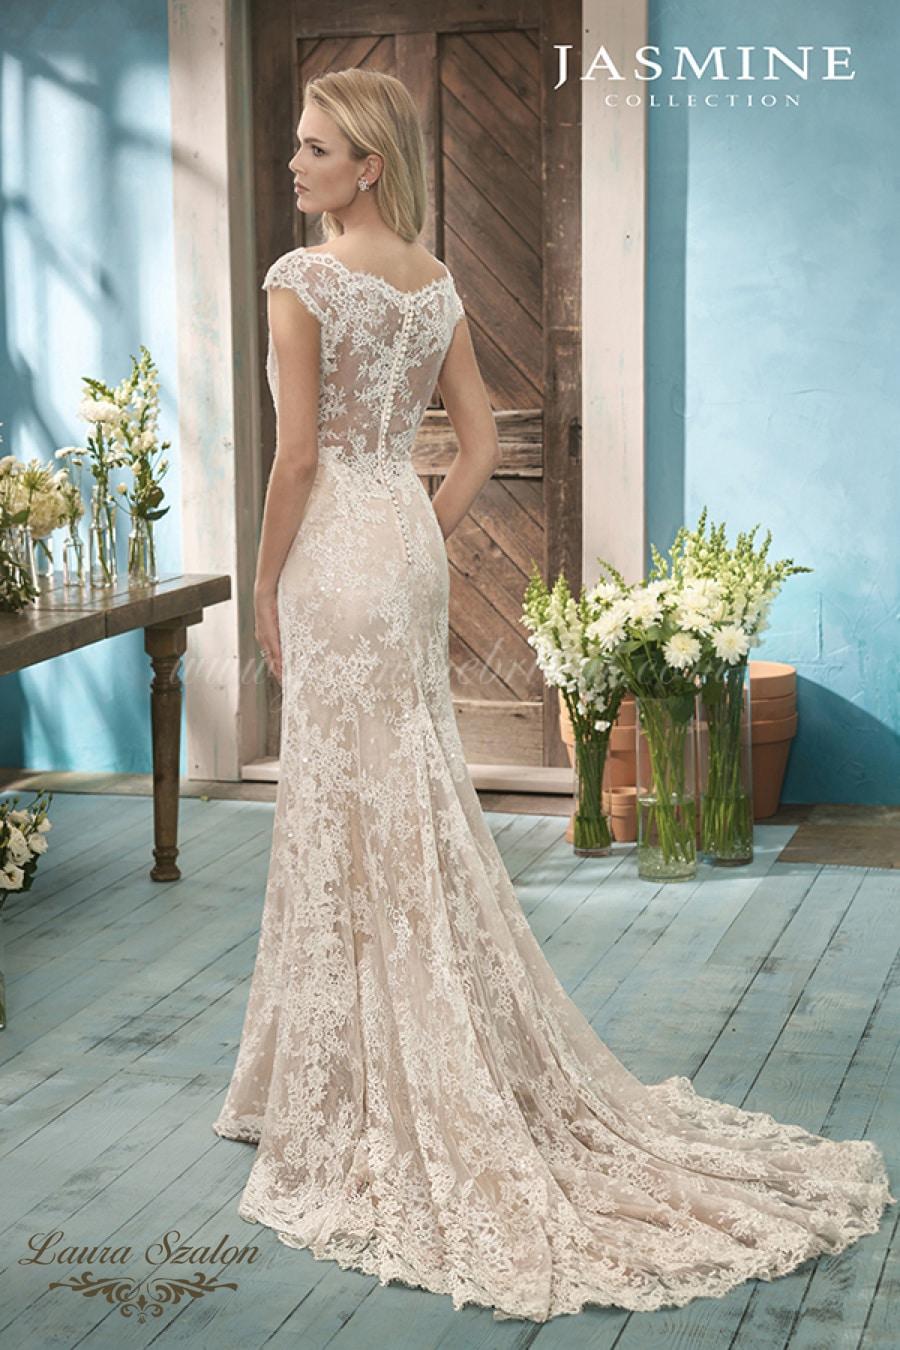 Sellő fazonú, tiszta csipke Jasmine Collection menyasszonyi ruha.